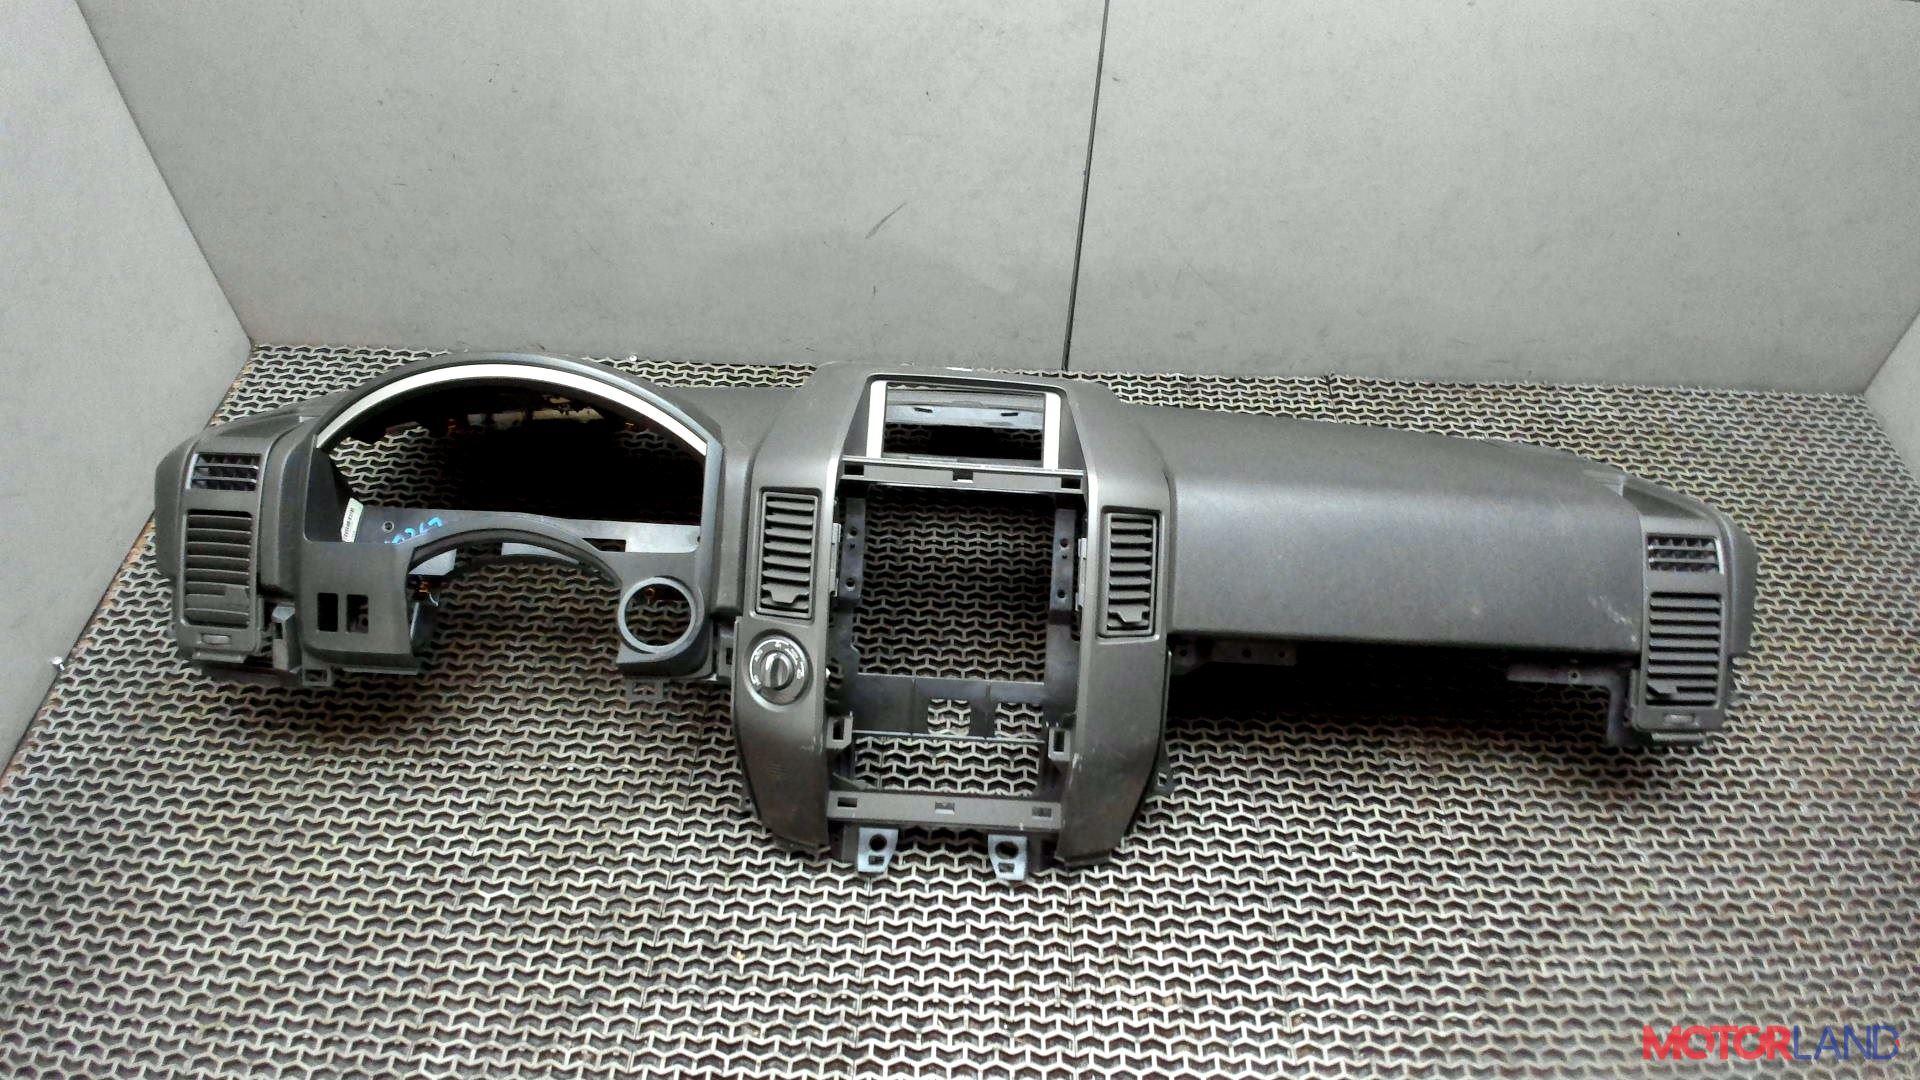 Панель передняя салона (торпедо) Infiniti QX56 (JA60) 2004-2010, [КонстрНомер-Артикул] #1